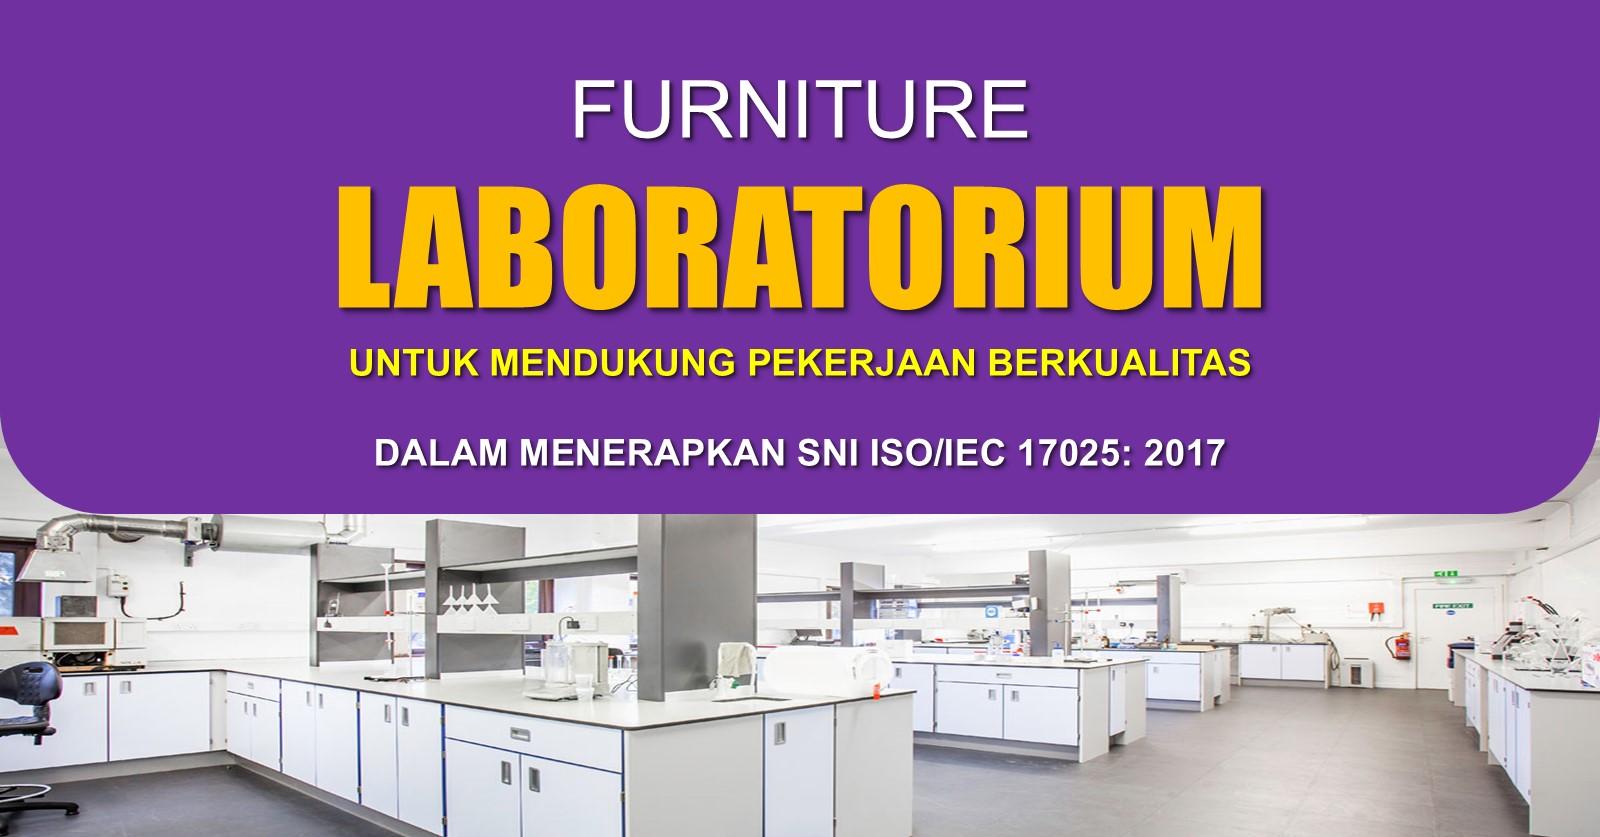 furniture laboratorium